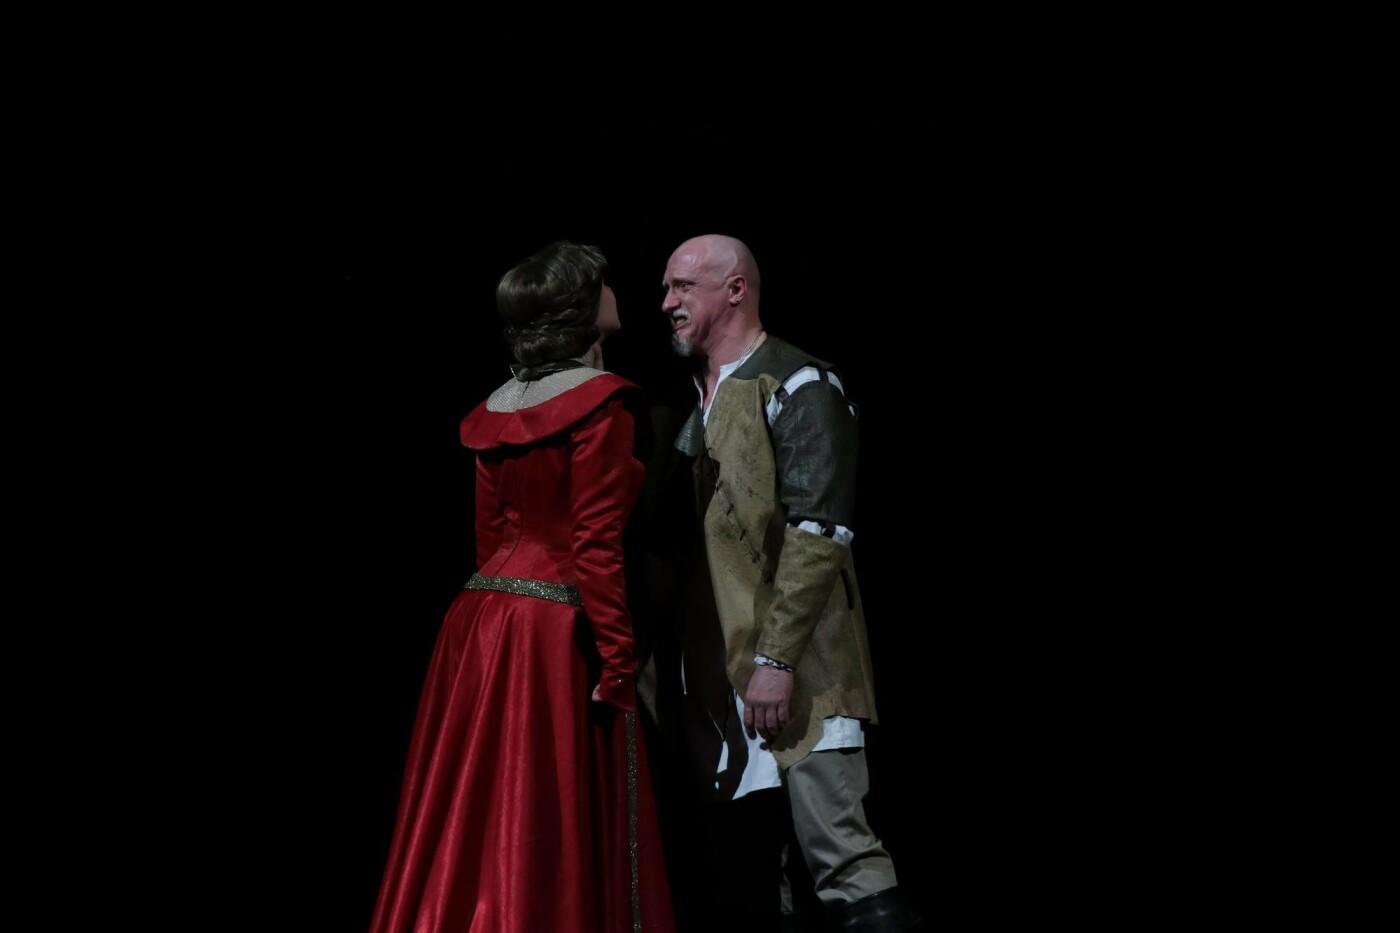 В Каменском театре показали историю любви и ненависти длиною в жизнь, фото-1